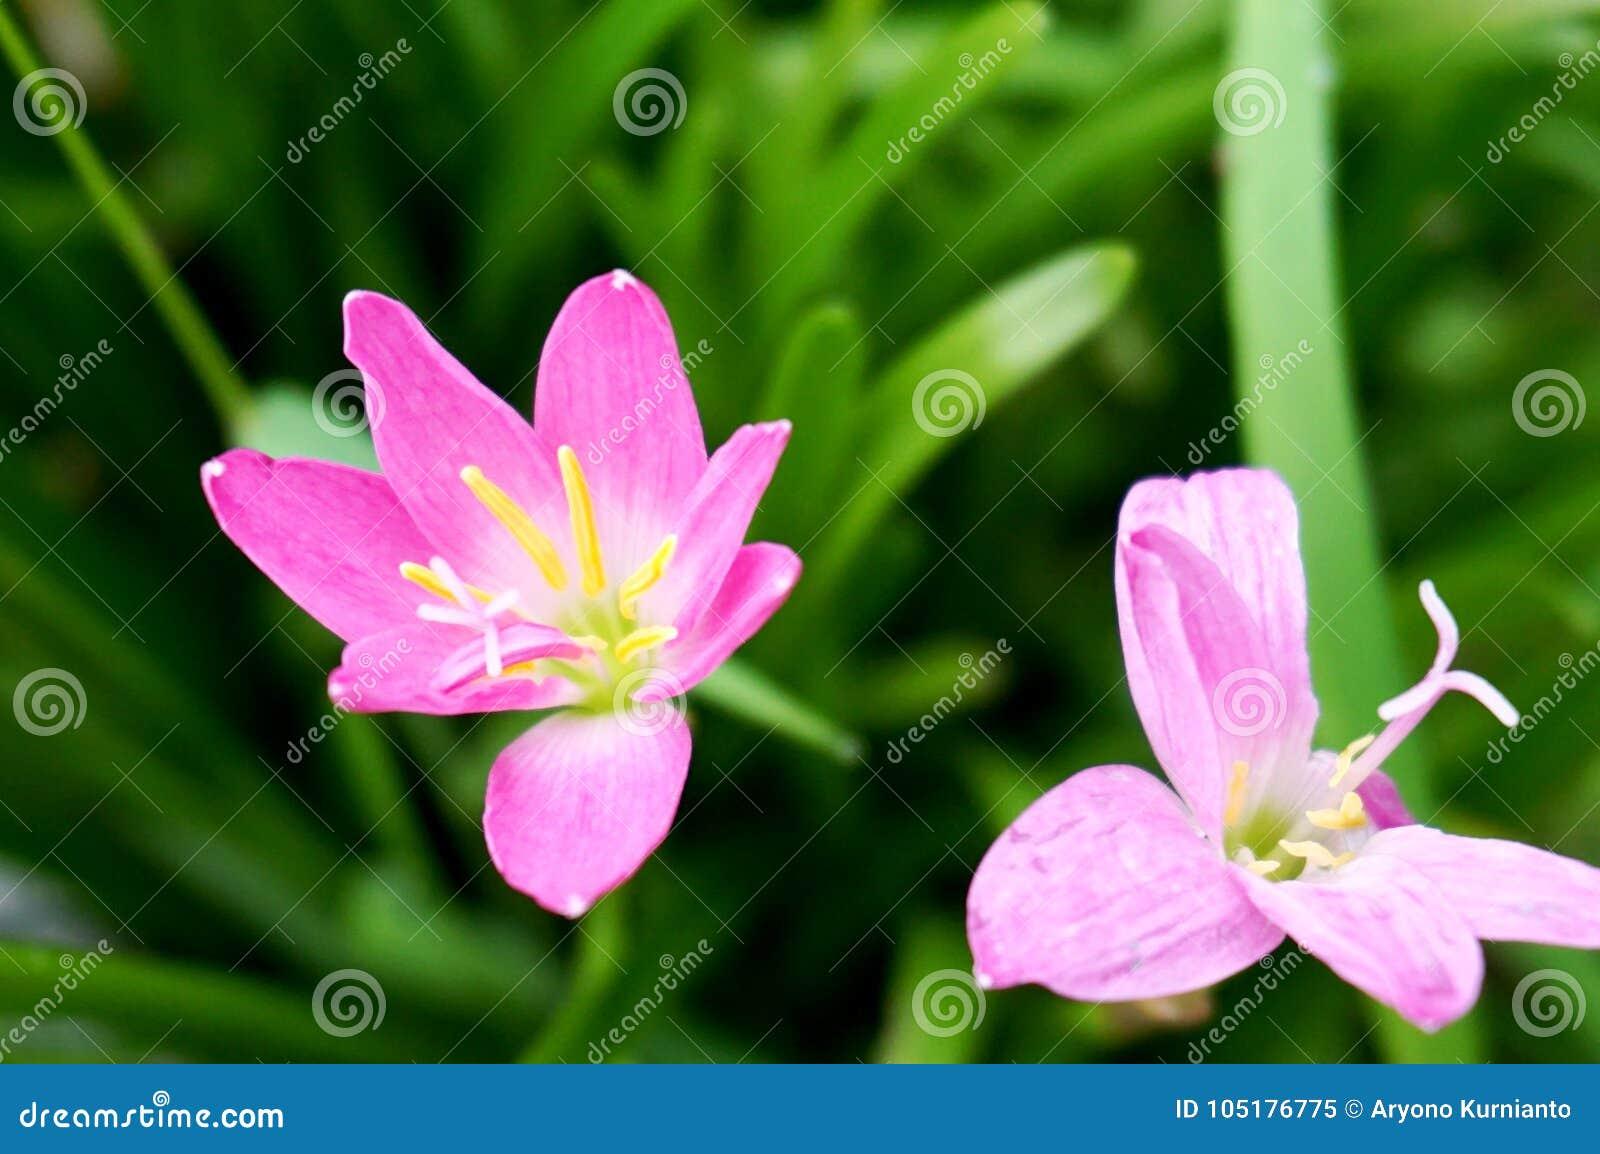 Flor violeta suave con el fondo de la hierba verde